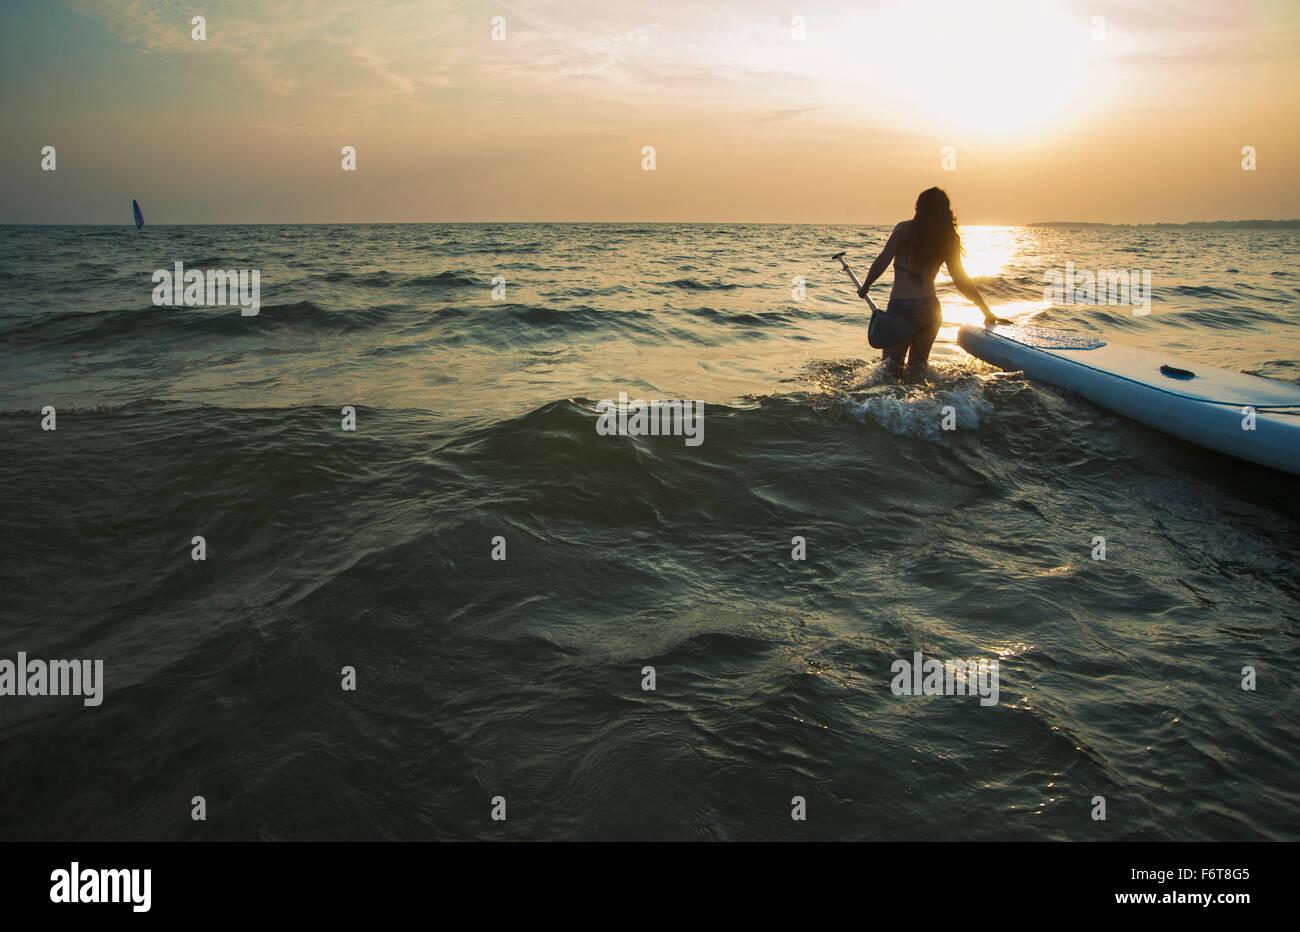 Frau zieht Paddleboard in See Stockbild